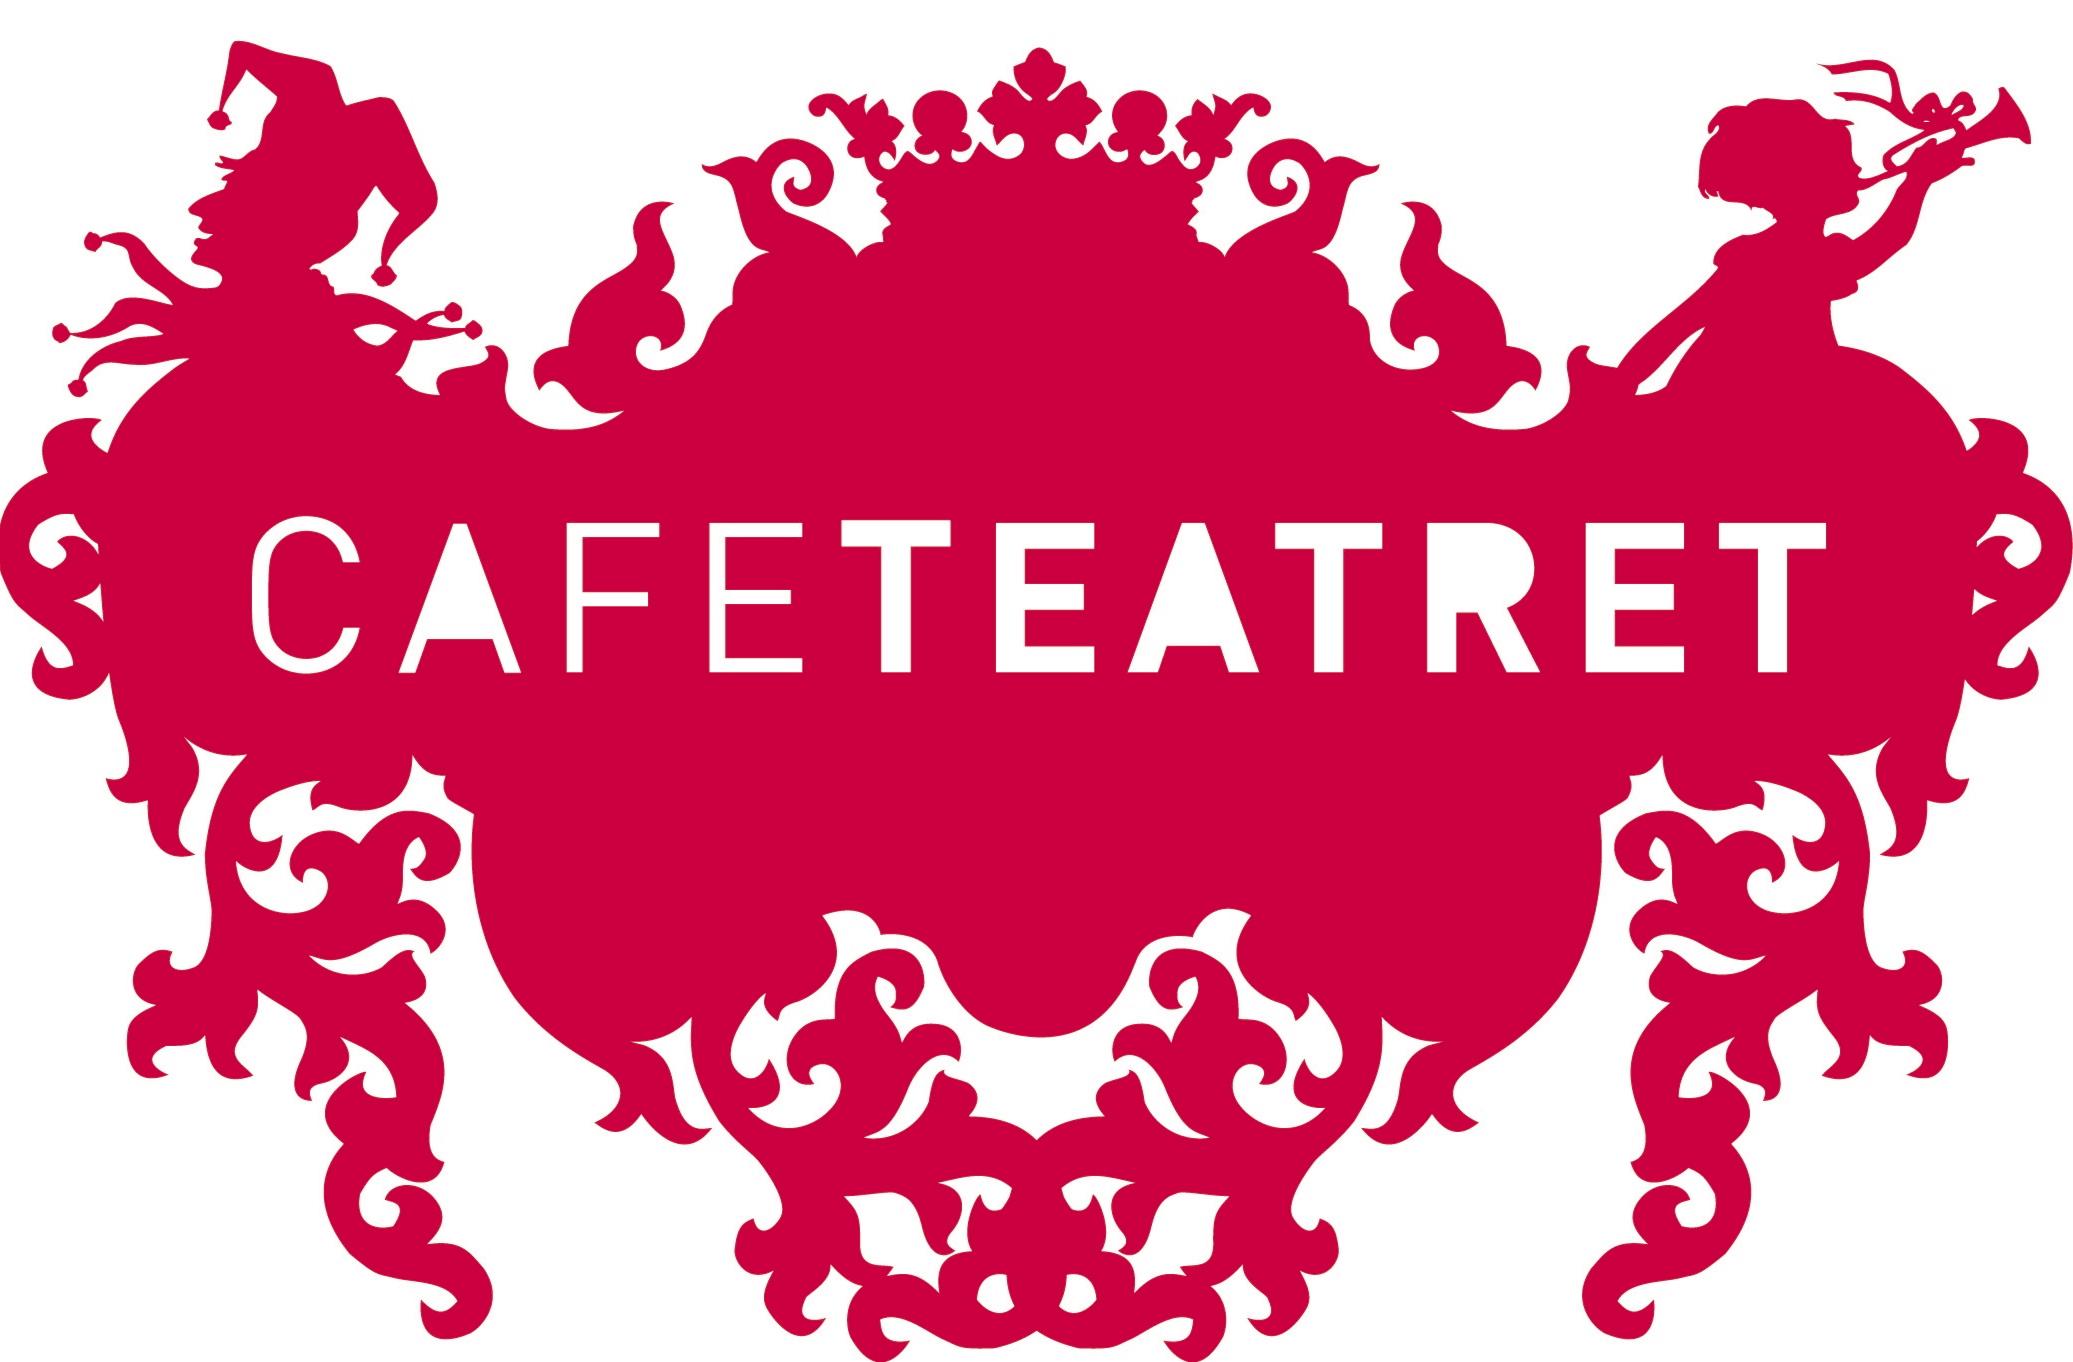 Cafeteatret - 2013/12/13